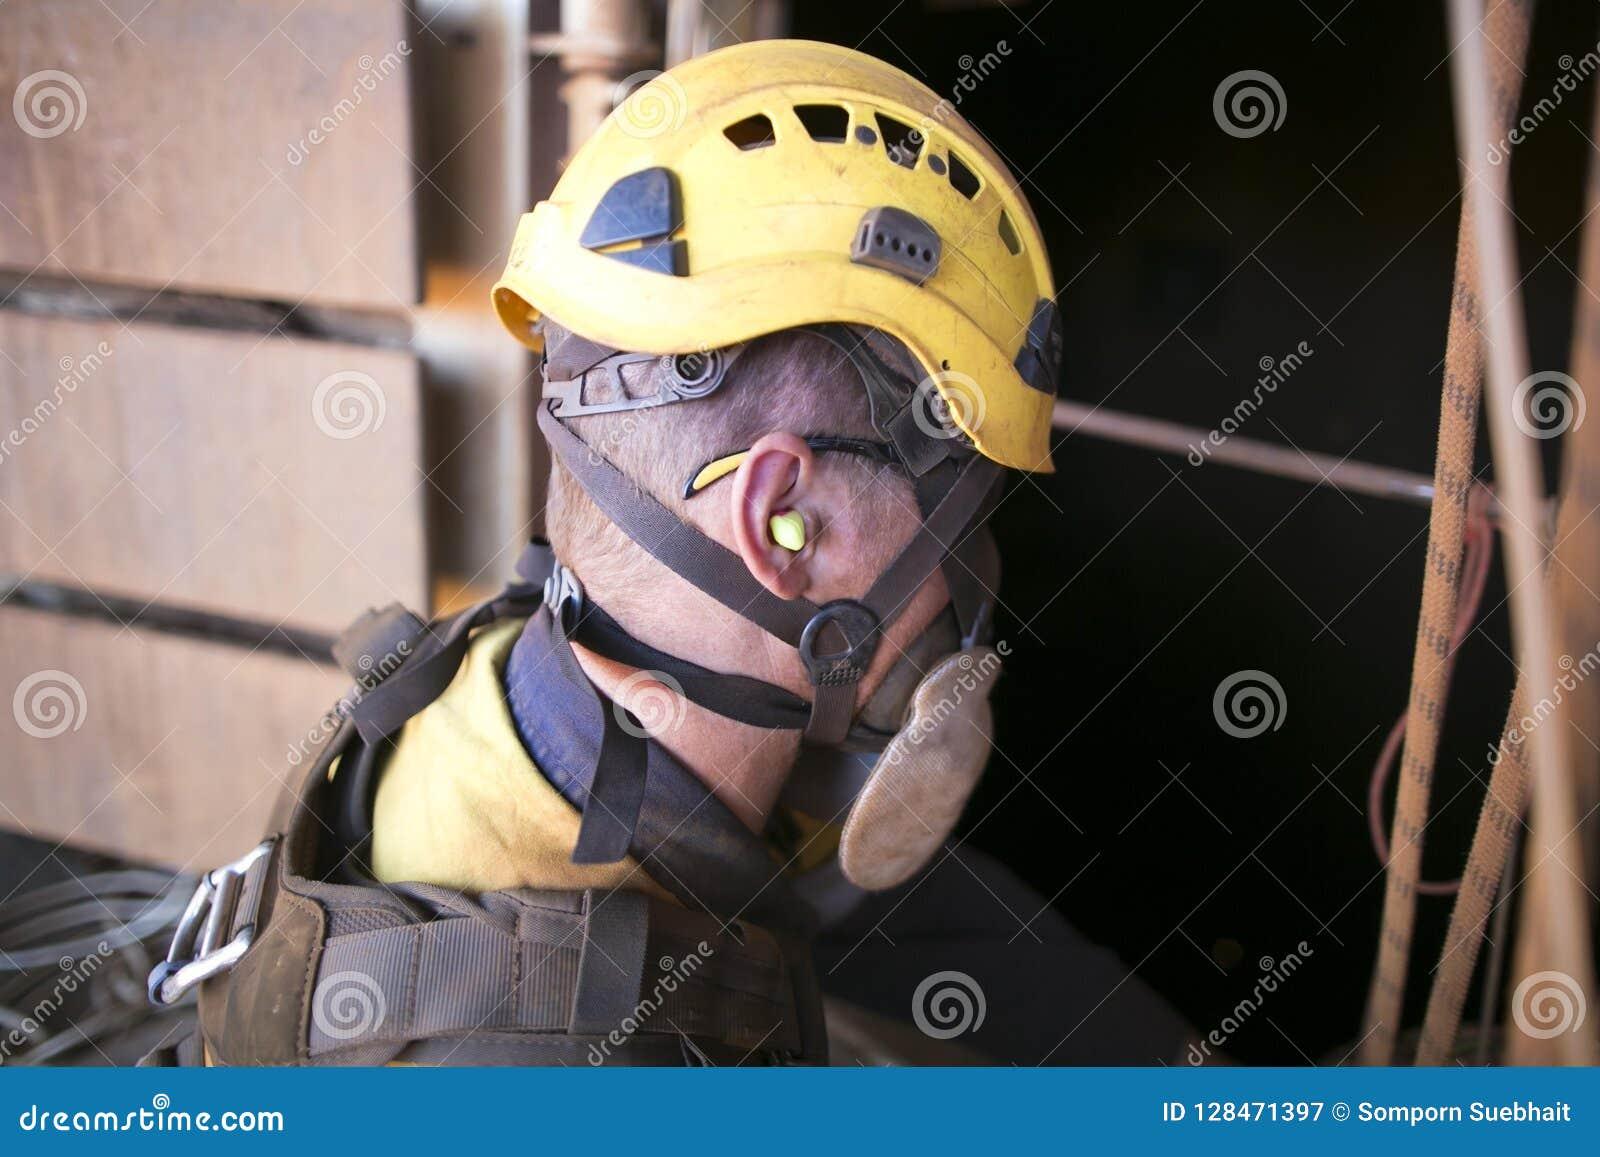 Travailleur de mineur portant une protection de sécurité de bruit de prise d oreille en travaillant près des machines d usine de